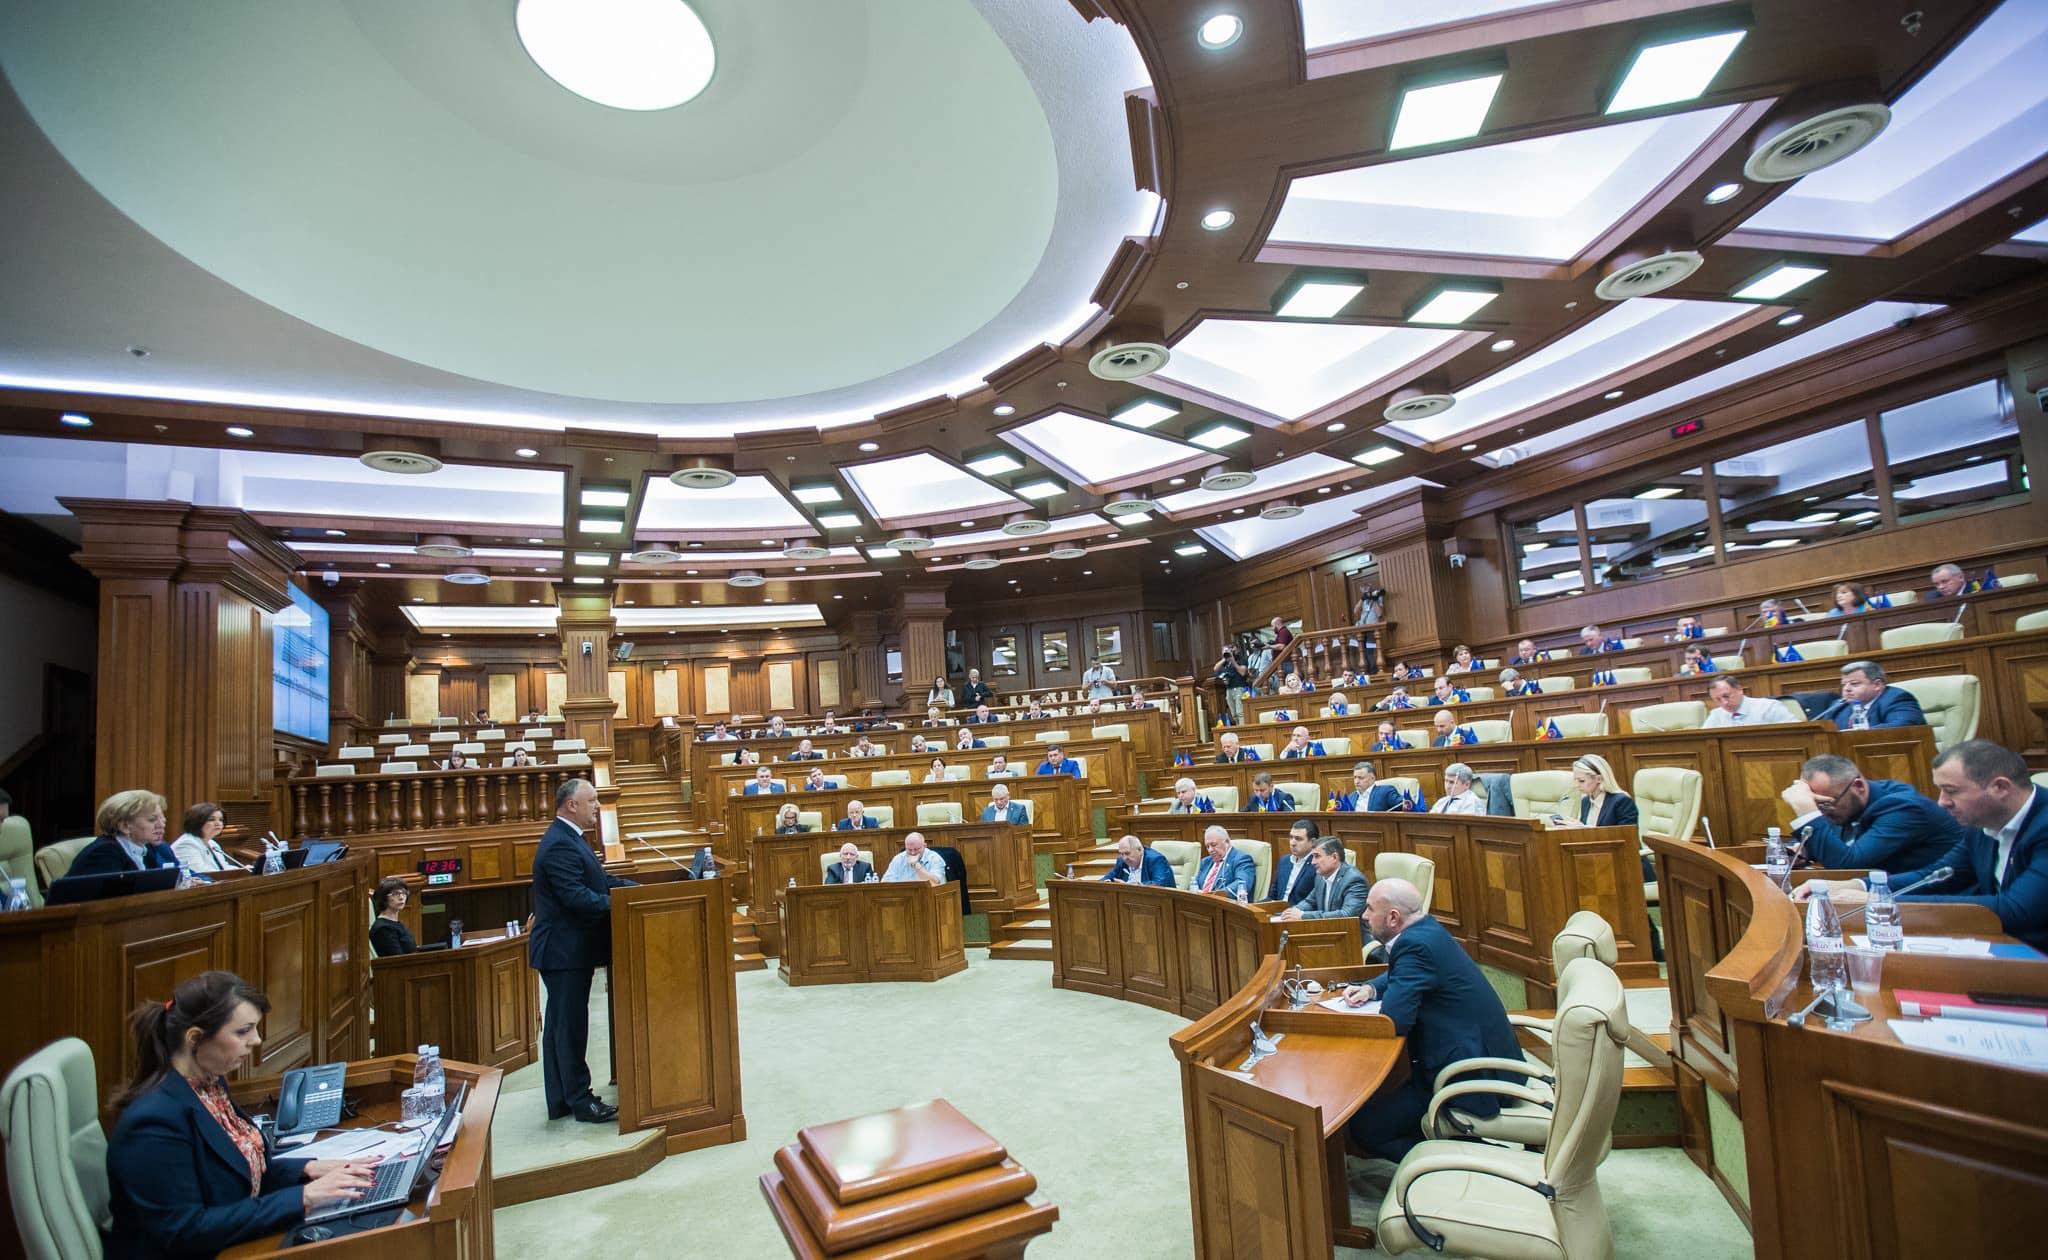 """Додон – ПСРМ и блоку """"АКУМ"""": Не забывайте, что цель возрождения страны важнее любого электорального соревнования"""